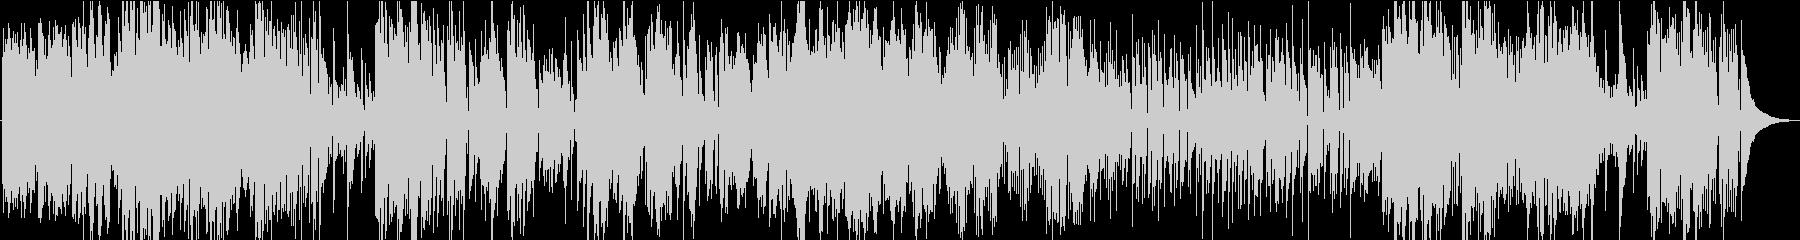 ジャズ。クール。メロディアス。ボサノバ。の未再生の波形